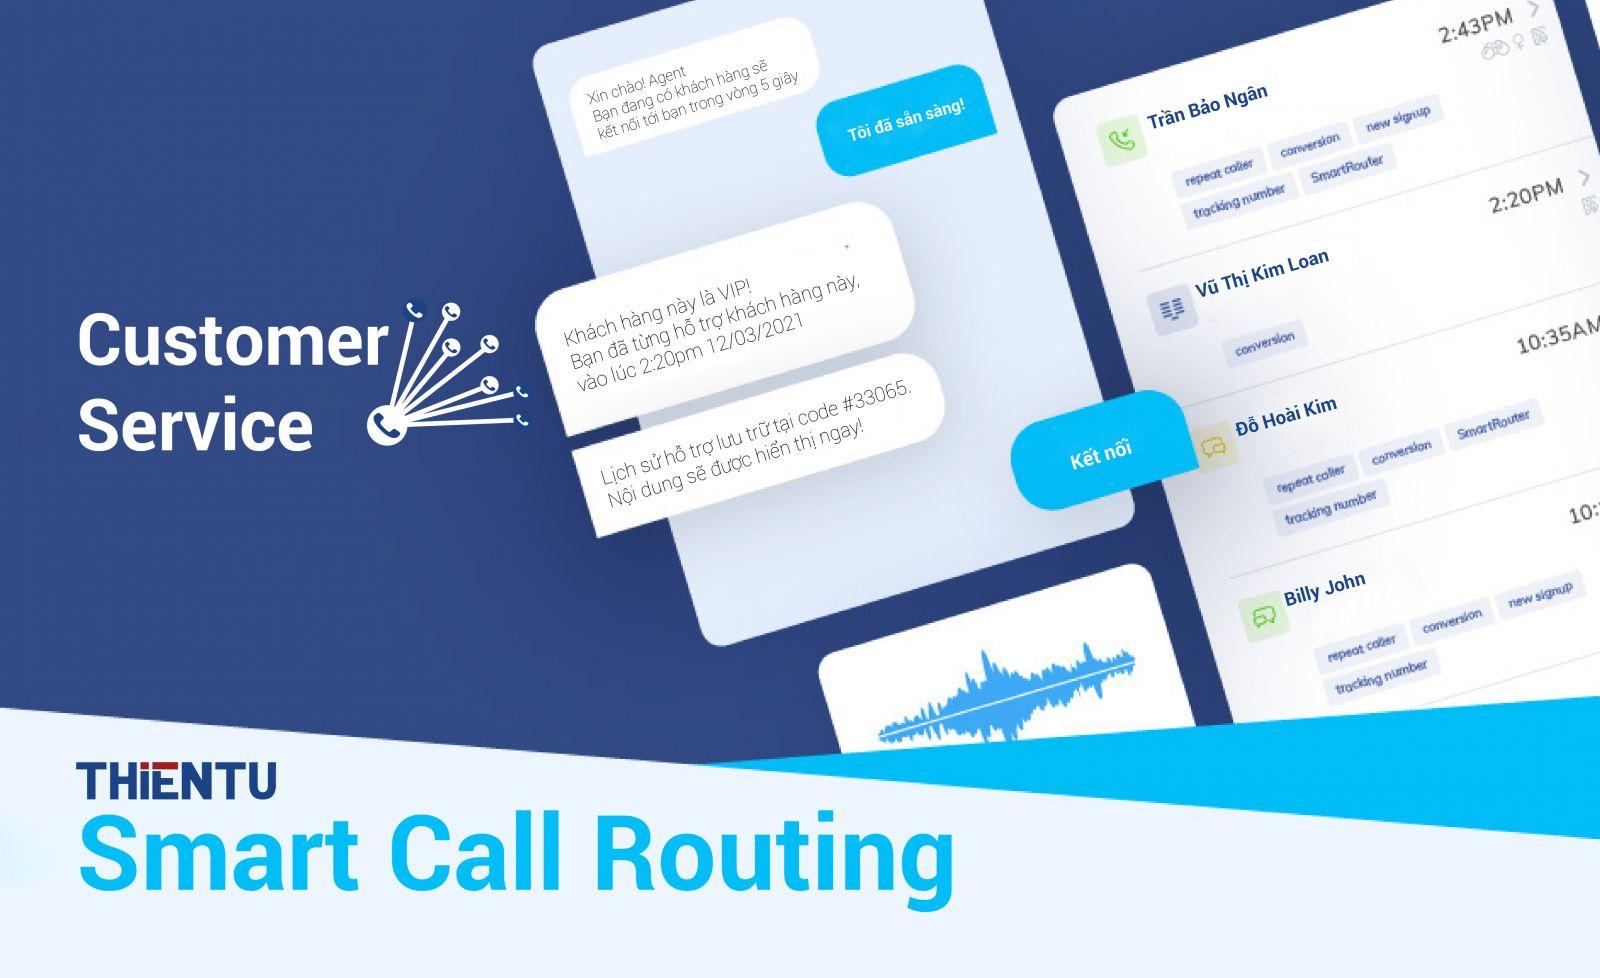 Định tuyến cuộc gọi thông minh là gì? What is smart call routing